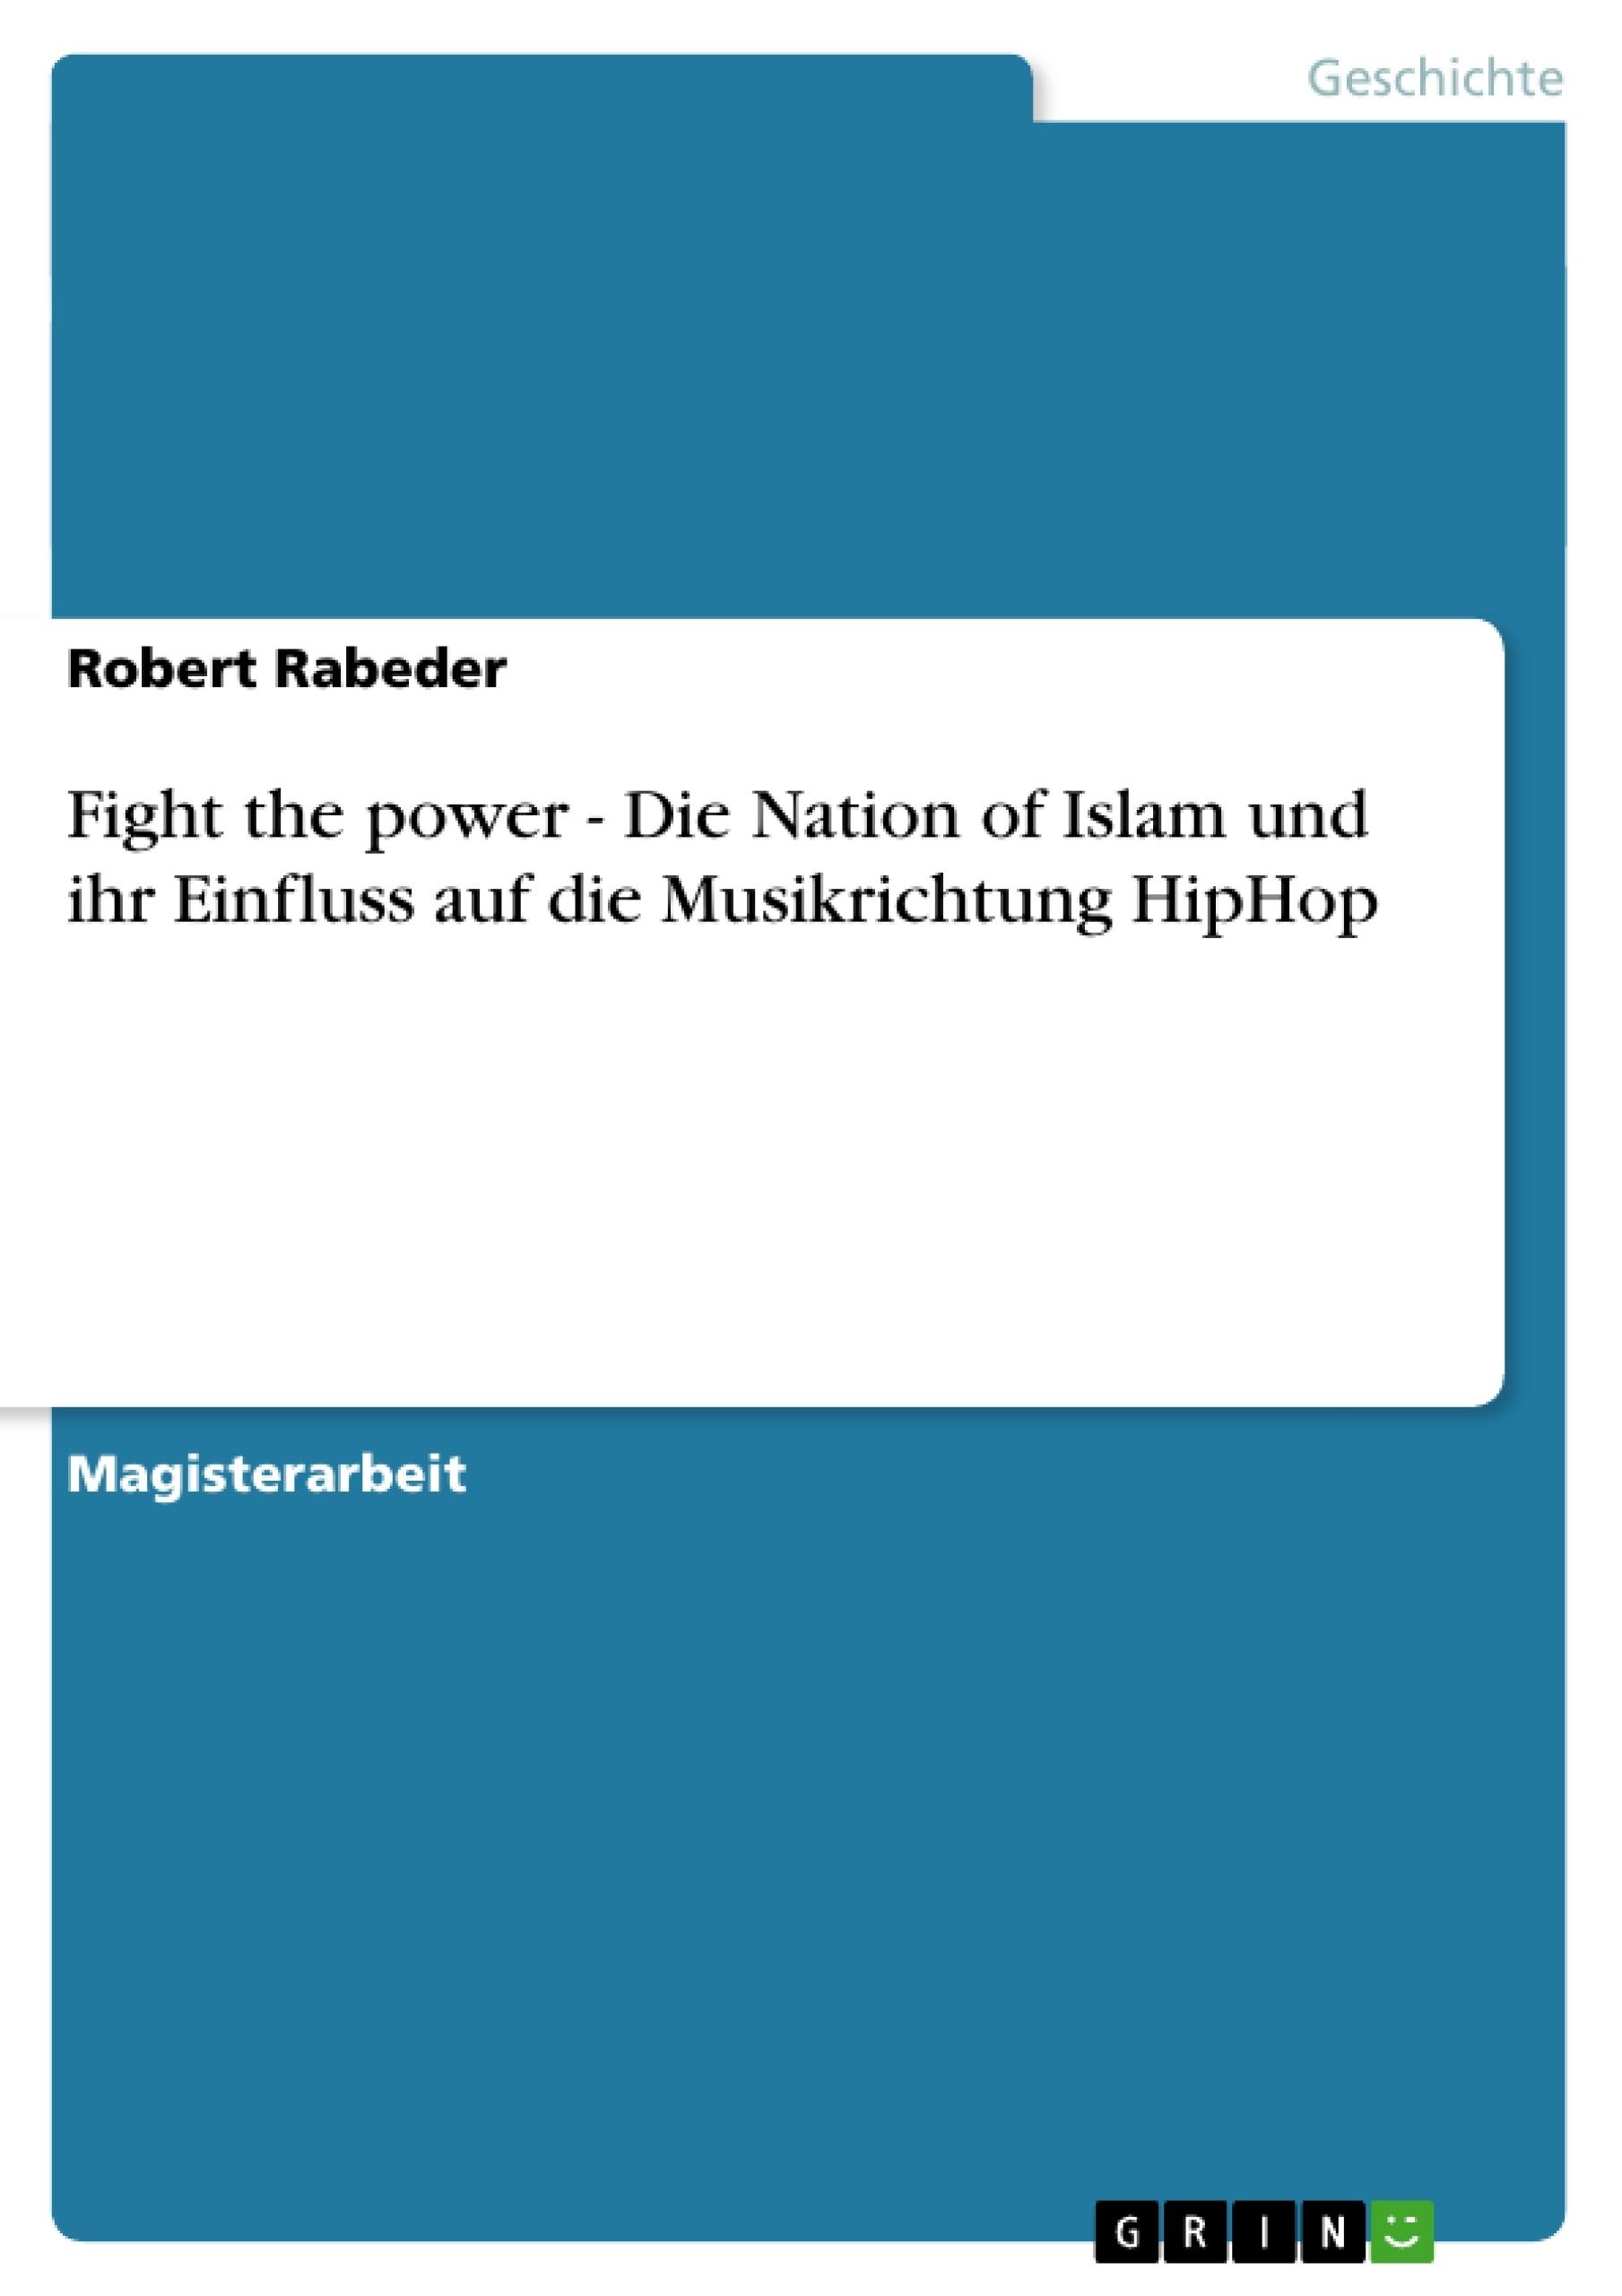 Titel: Fight the power - Die Nation of Islam und ihr Einfluss auf die Musikrichtung HipHop